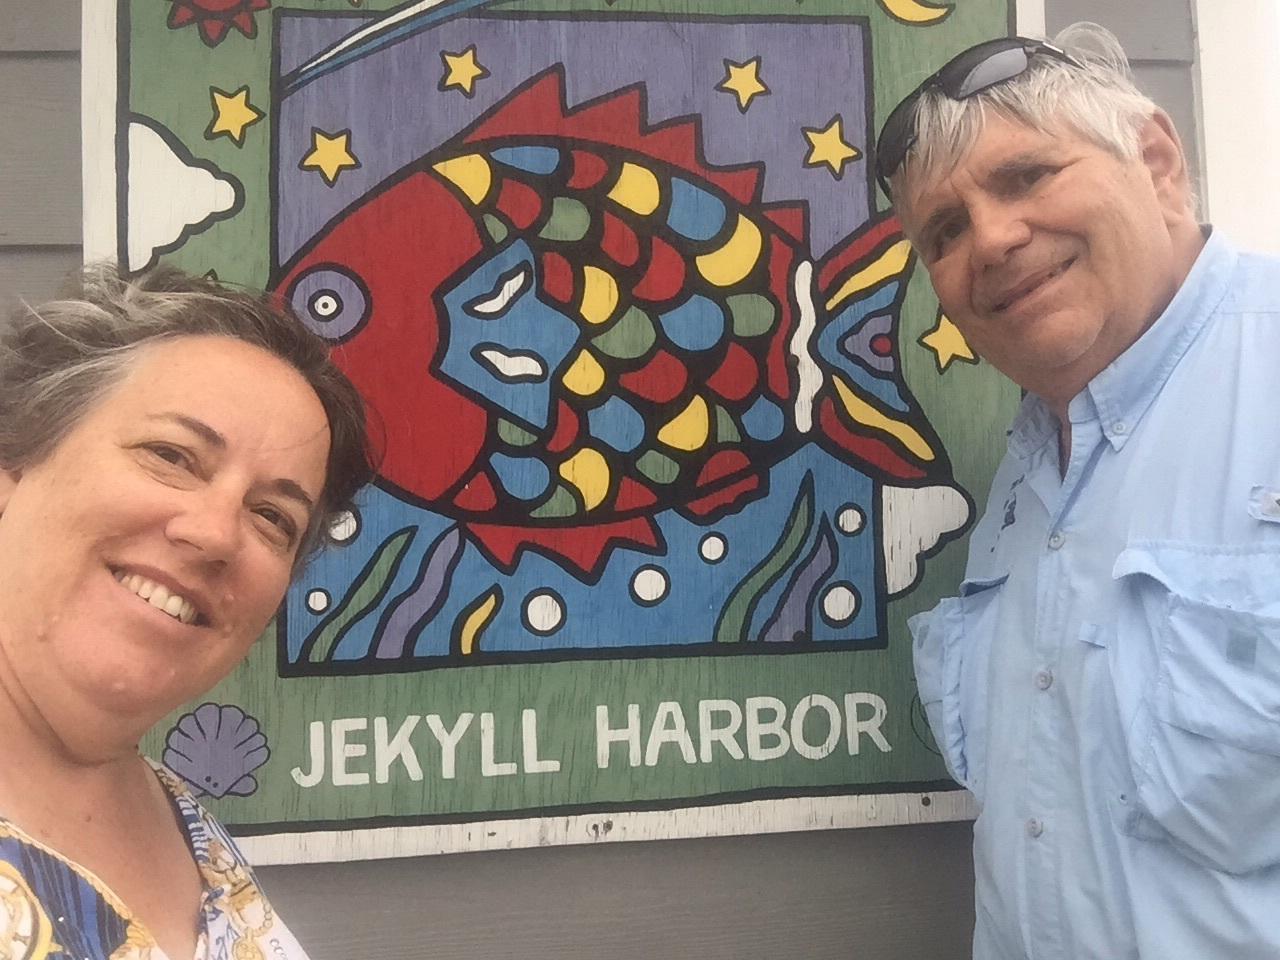 Jekyll Harbor